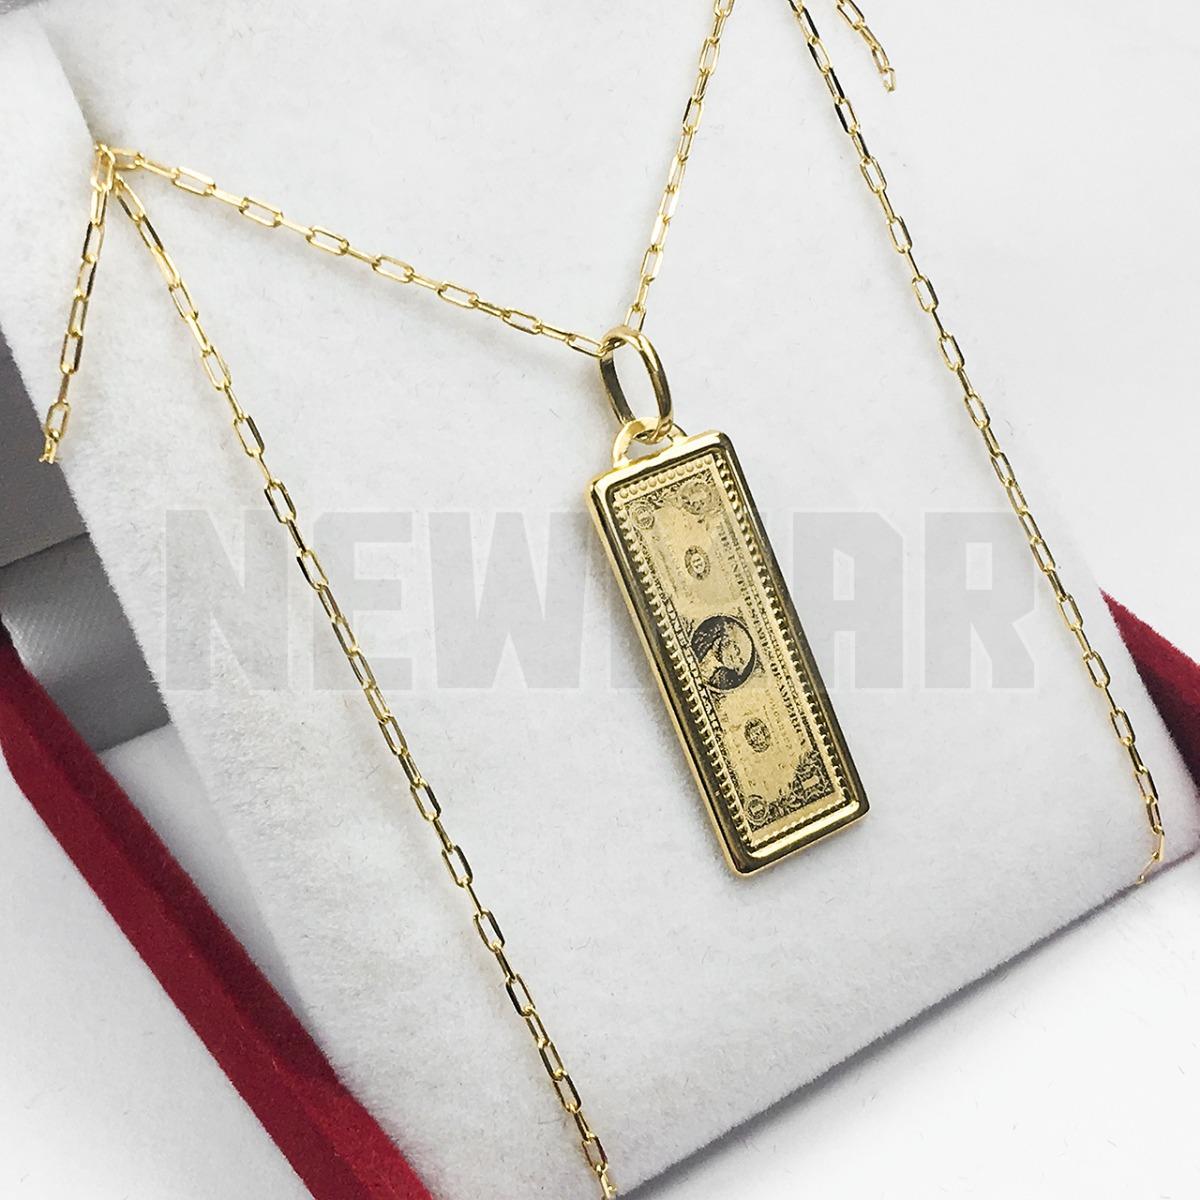 05b4fdc7a0e8 Conjunto Oro 18k Cadena + Dije Dolar 3